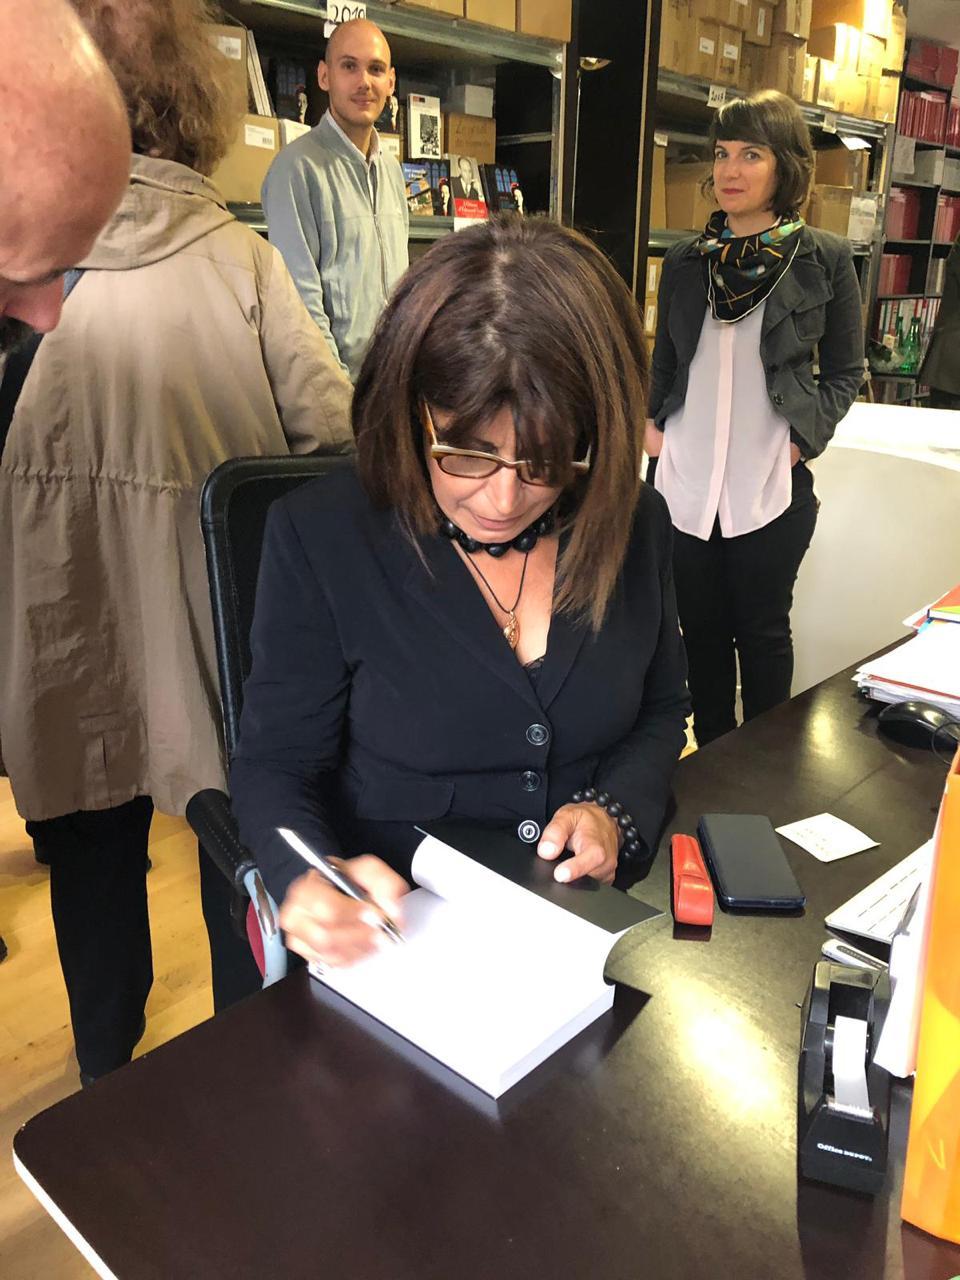 صورة ريجينا صنيفر تؤرخ الامة السورية بمذكرات السيدة جوليات انطون سعادة